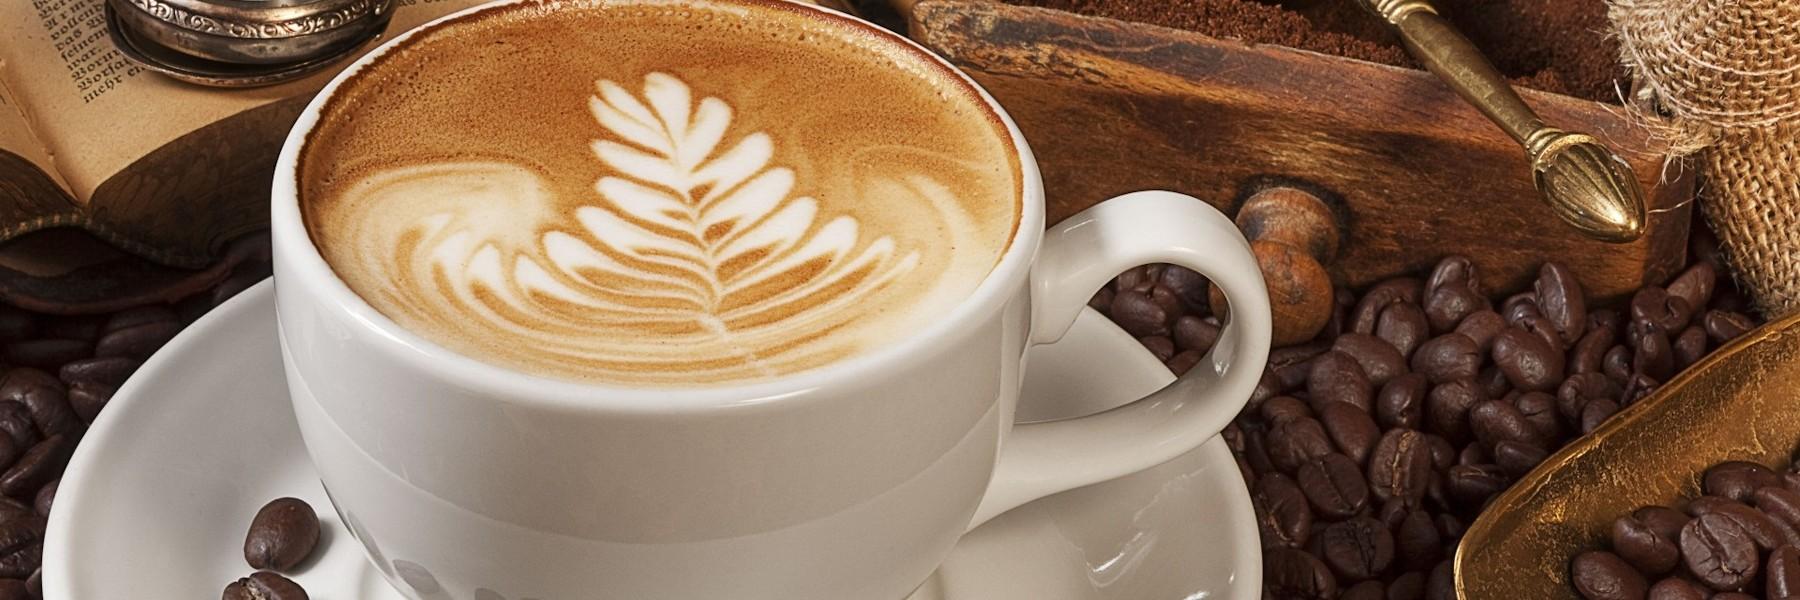 lattenbeansSS